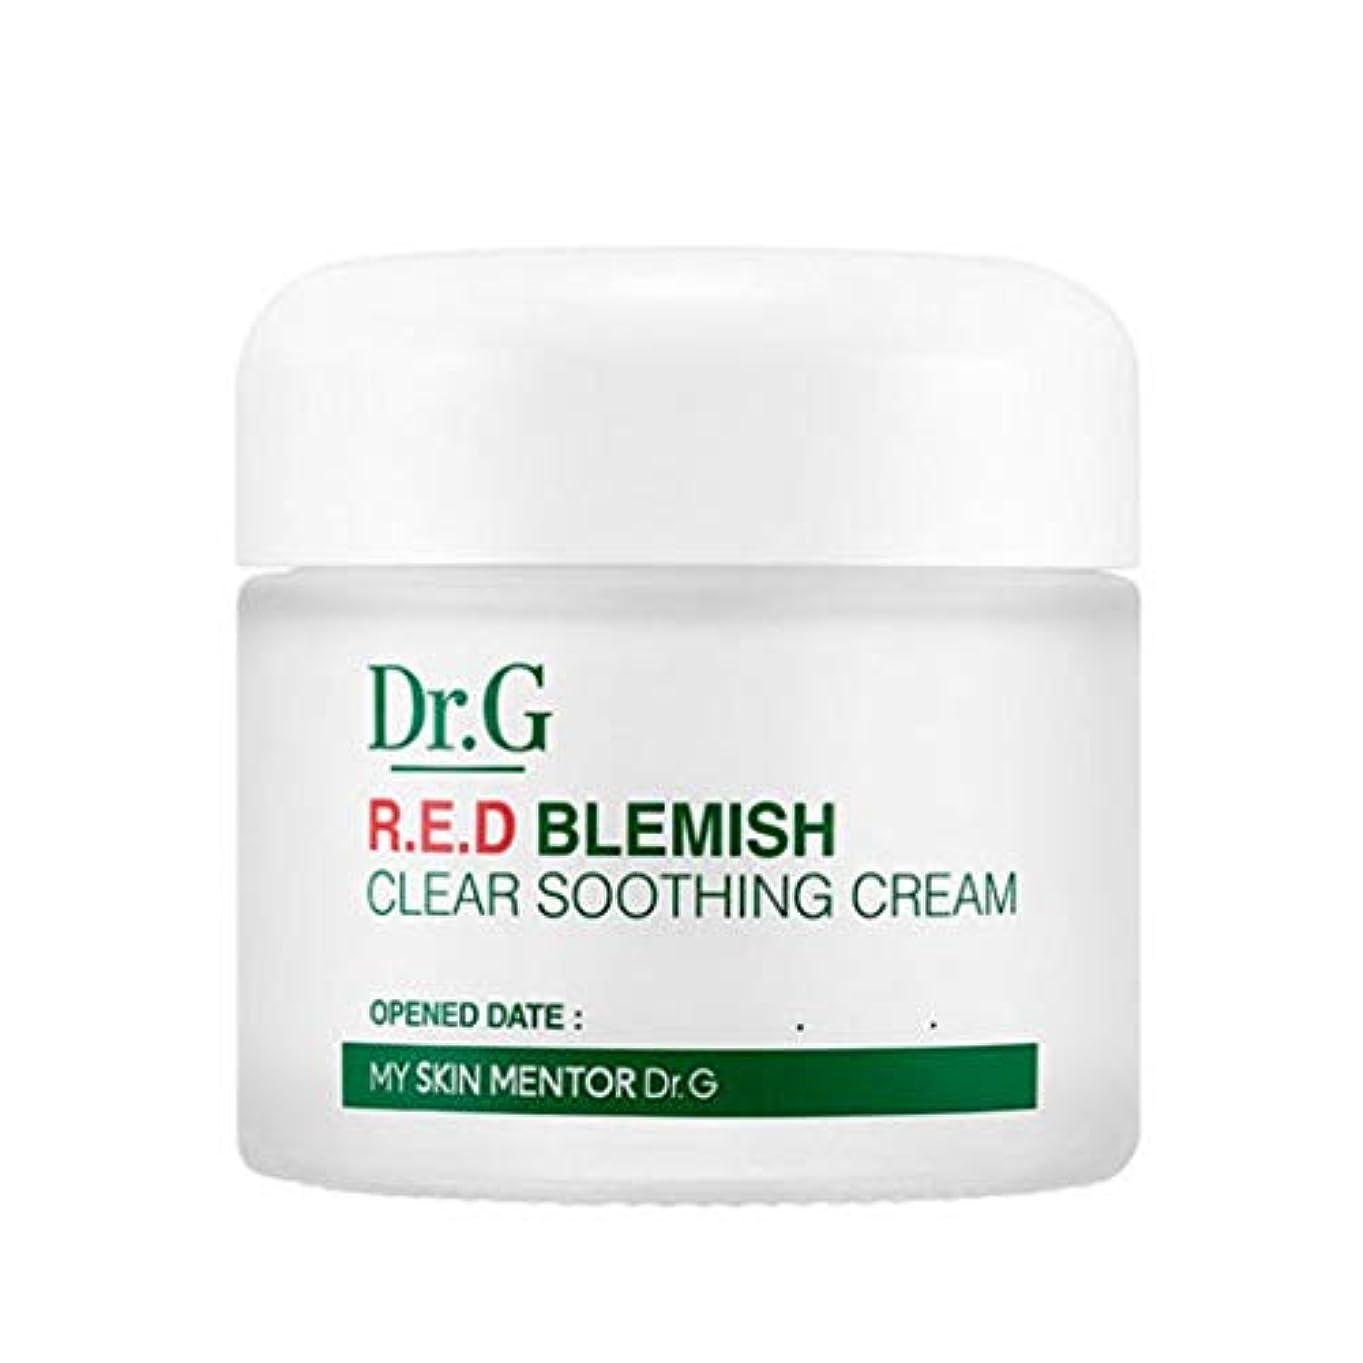 スペアミル楕円形ドクターGレッドブレミッシュクリアスージングクリーム70ml水分クリーム、Dr.G Red Blemish Clear Soothing Cream 70ml Moisturizing Cream [並行輸入品]